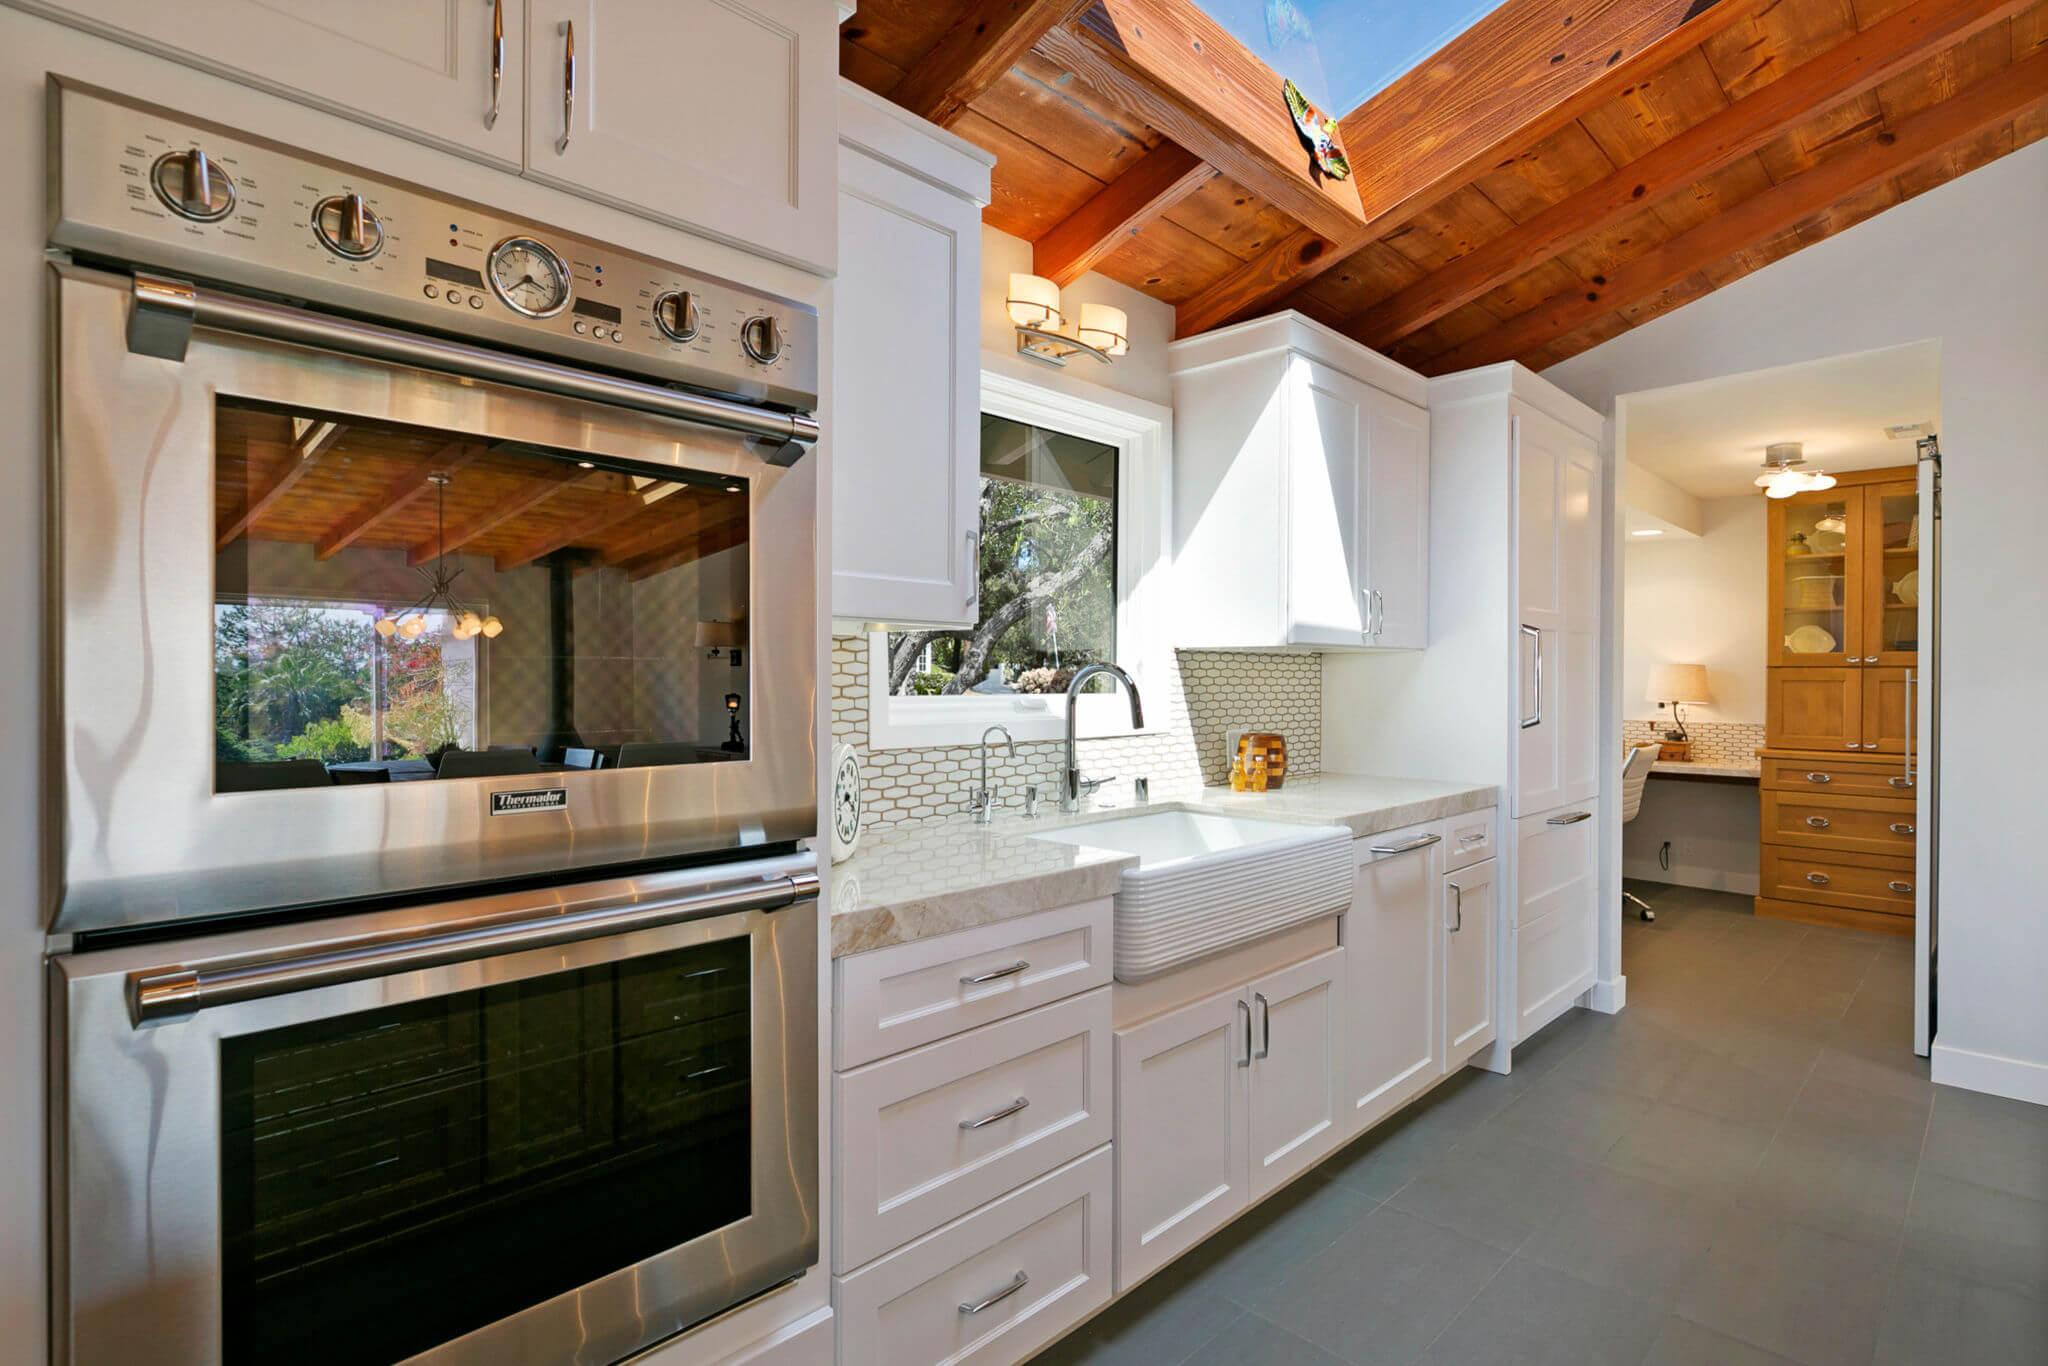 Custom Kitchen Cabinetry, White Kitchen Design Orange County, Orange County Custom Kitchen Home Remodeling